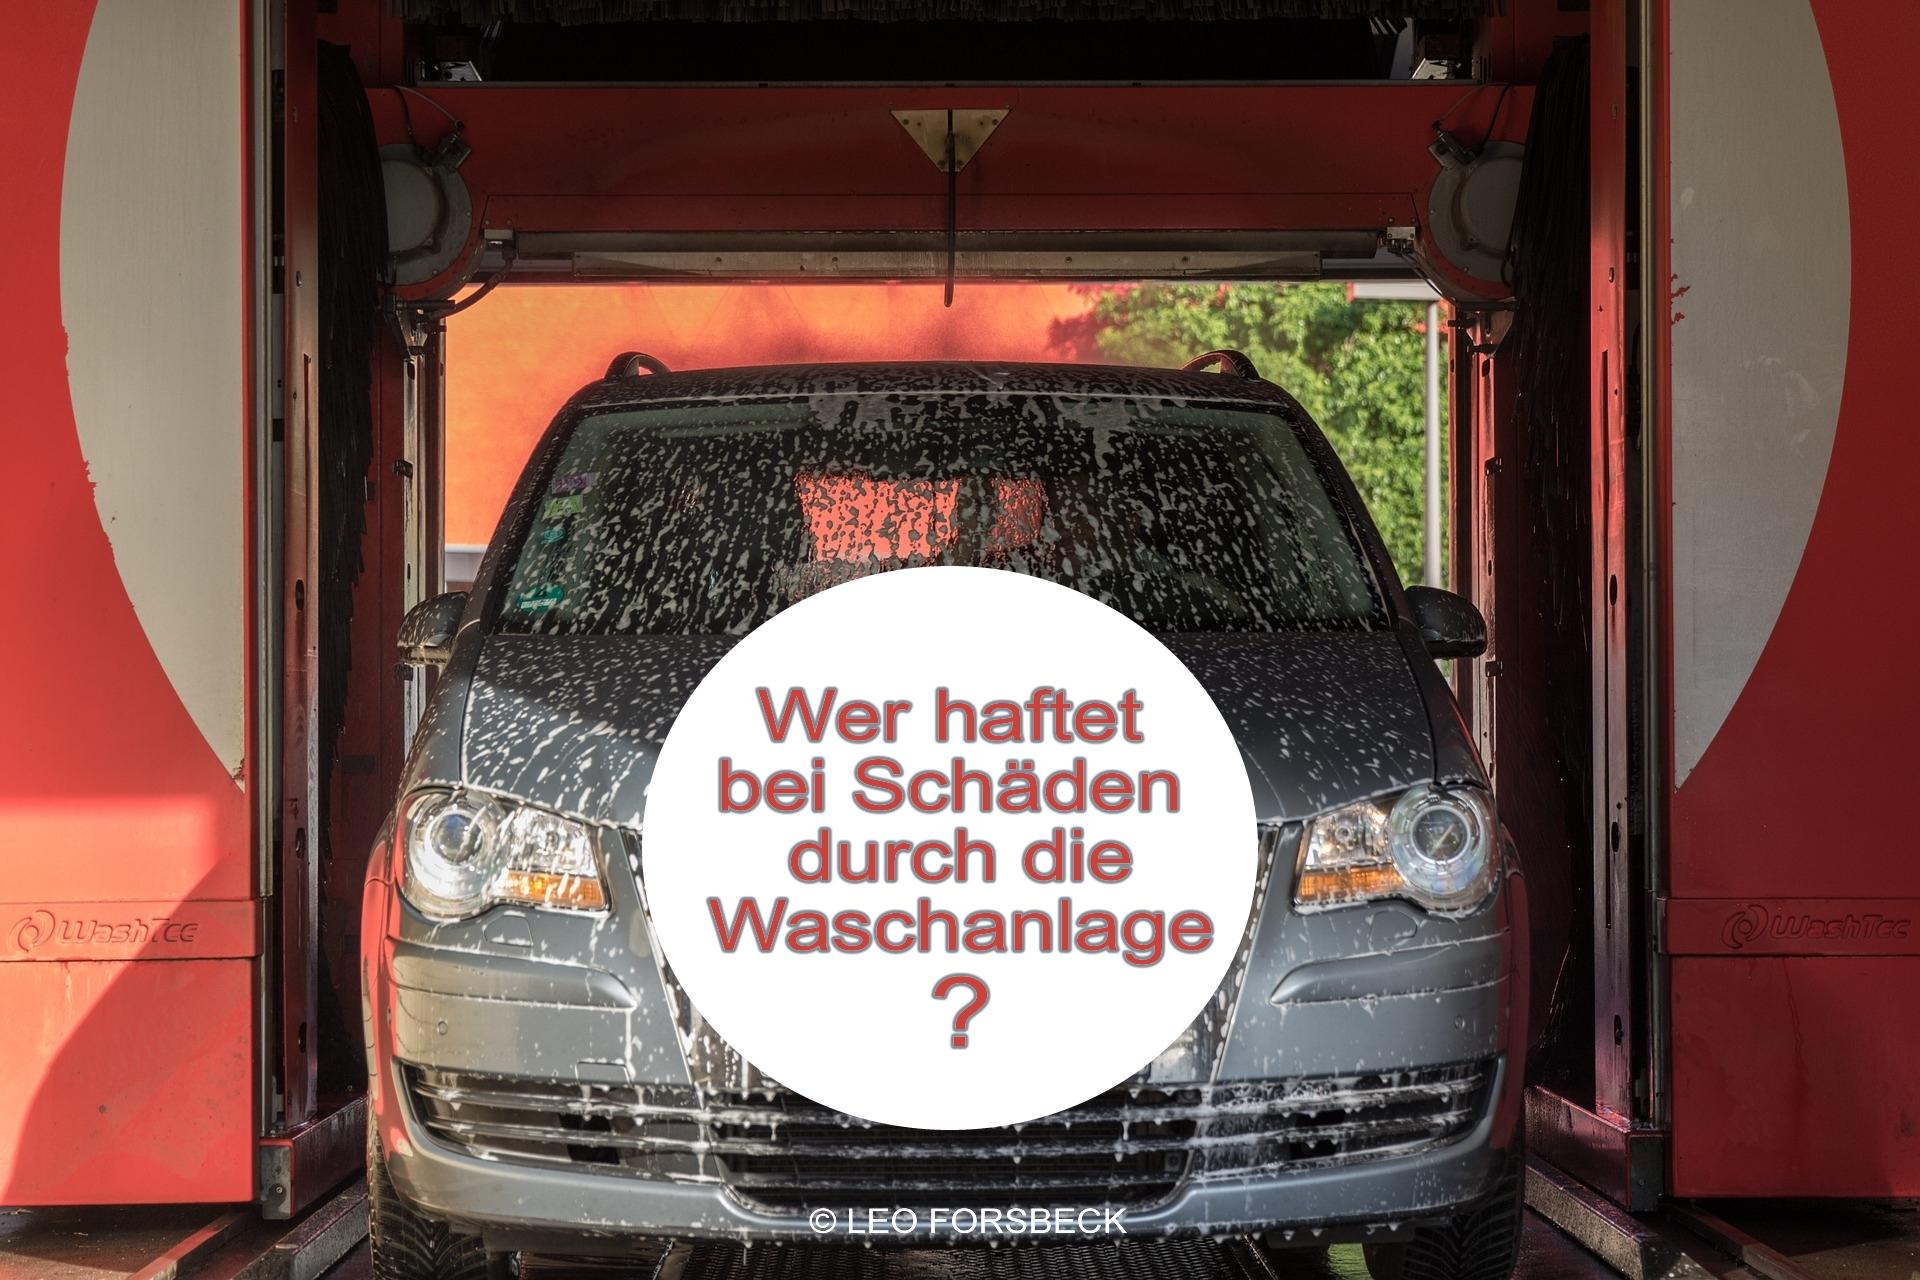 Wer haftet bei Schäden durch die Waschanlage?